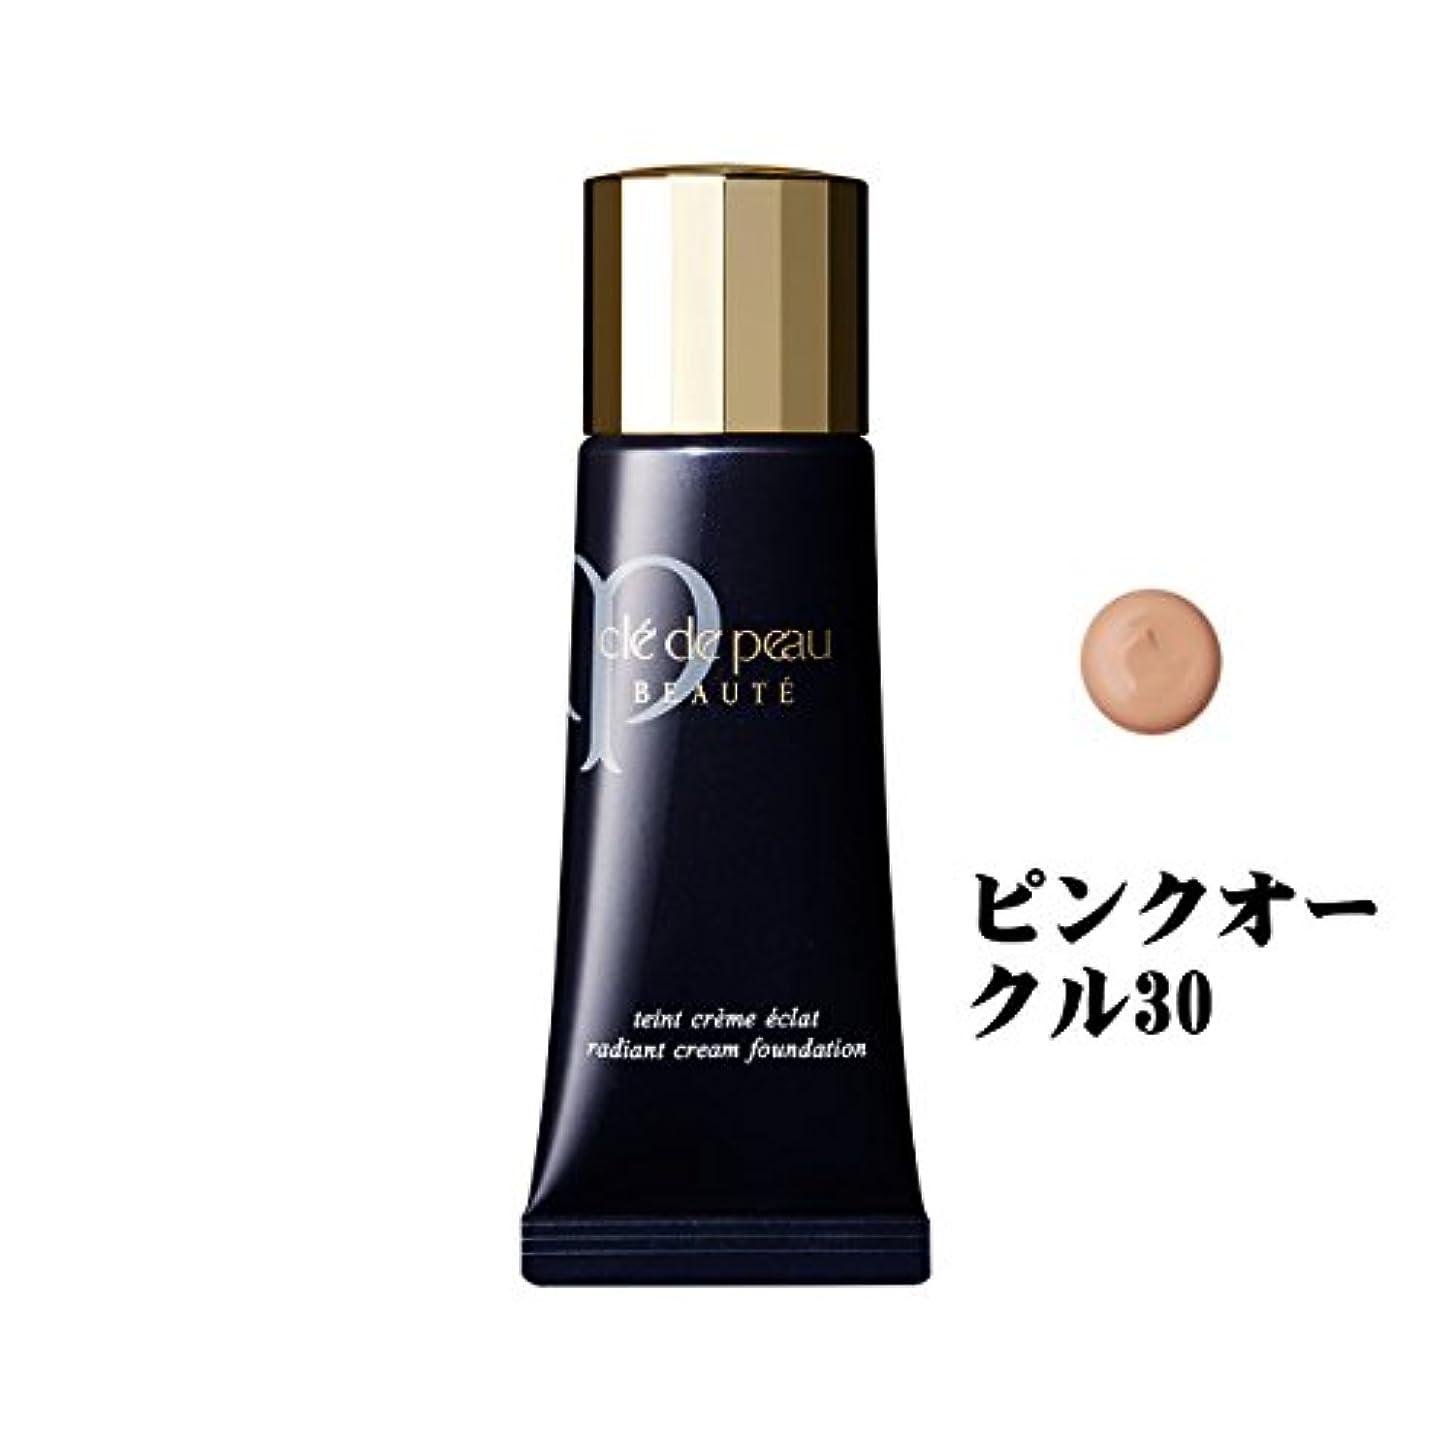 中級ナインへ位置づける資生堂/shiseido クレドポーボーテ/CPB タンクレームエクラ クリームタイプ SPF25?PA++ ピンクオークル30